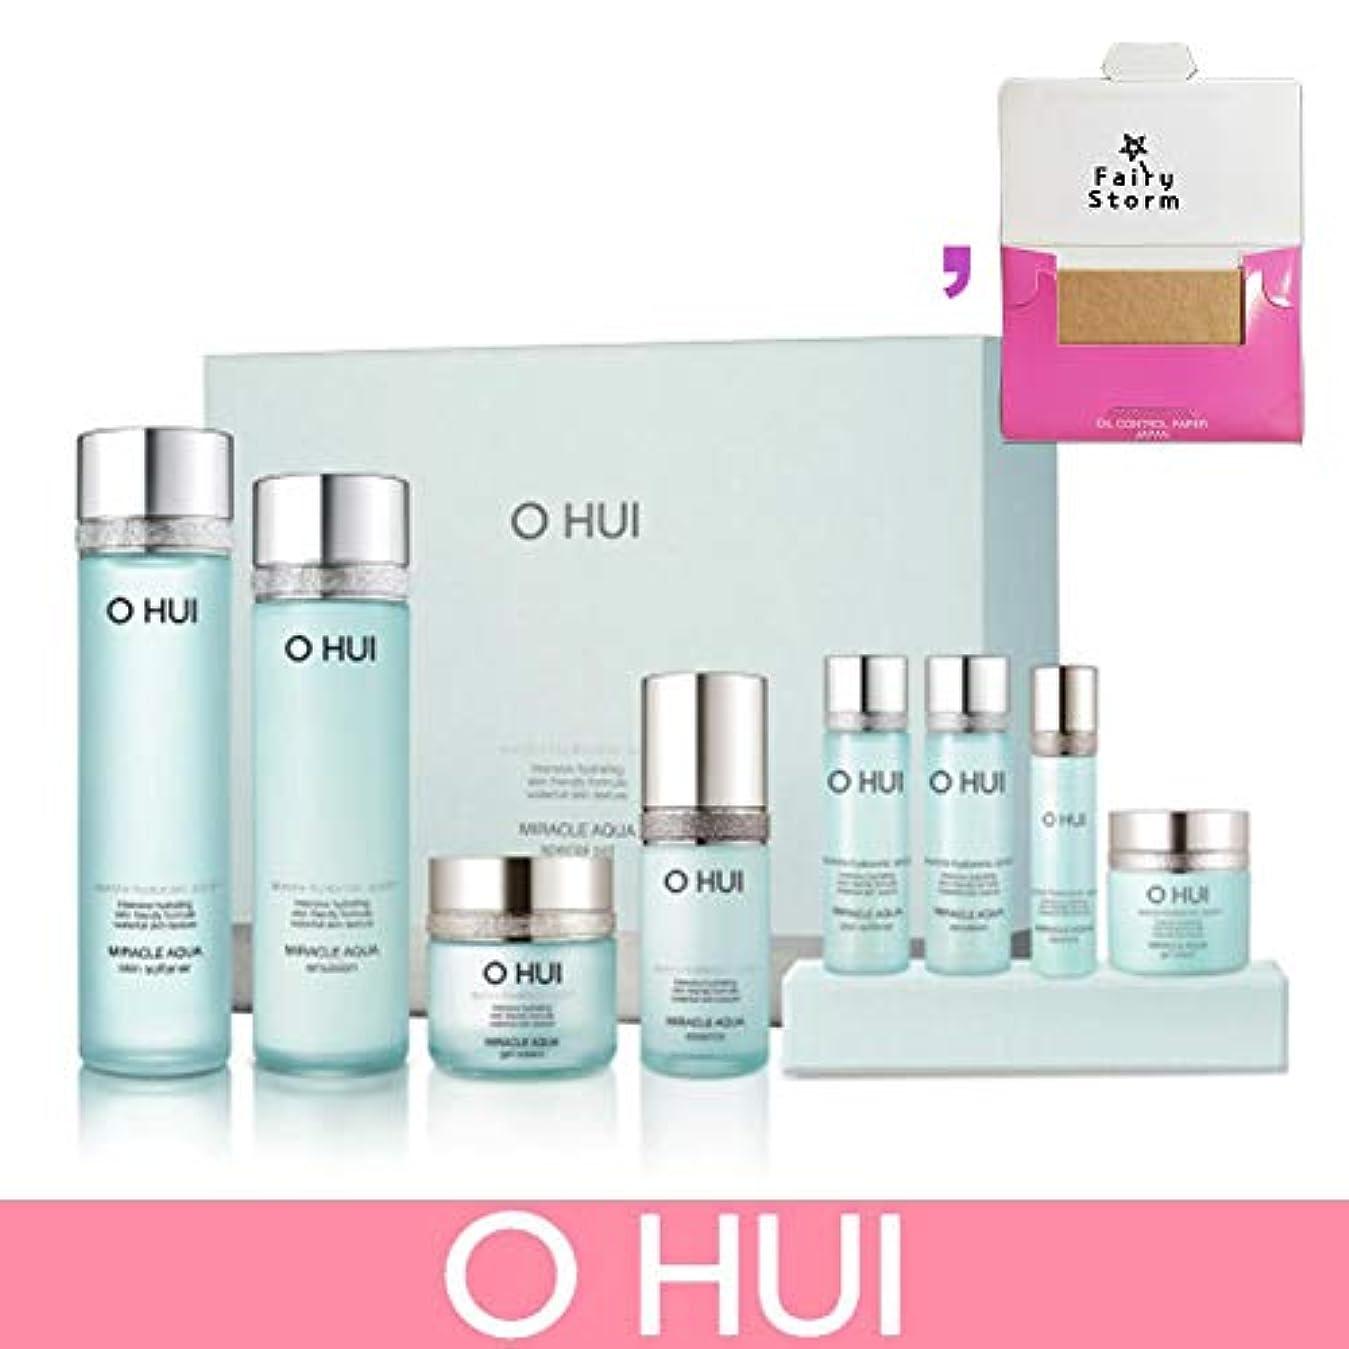 原因ドナーマリナー[オフィ/O HUI]韓国化粧品 LG生活健康/O HUI MIRACLE AQUA SPECIAL SET/ミラクル アクア 4種セット + [Sample Gift](海外直送品)